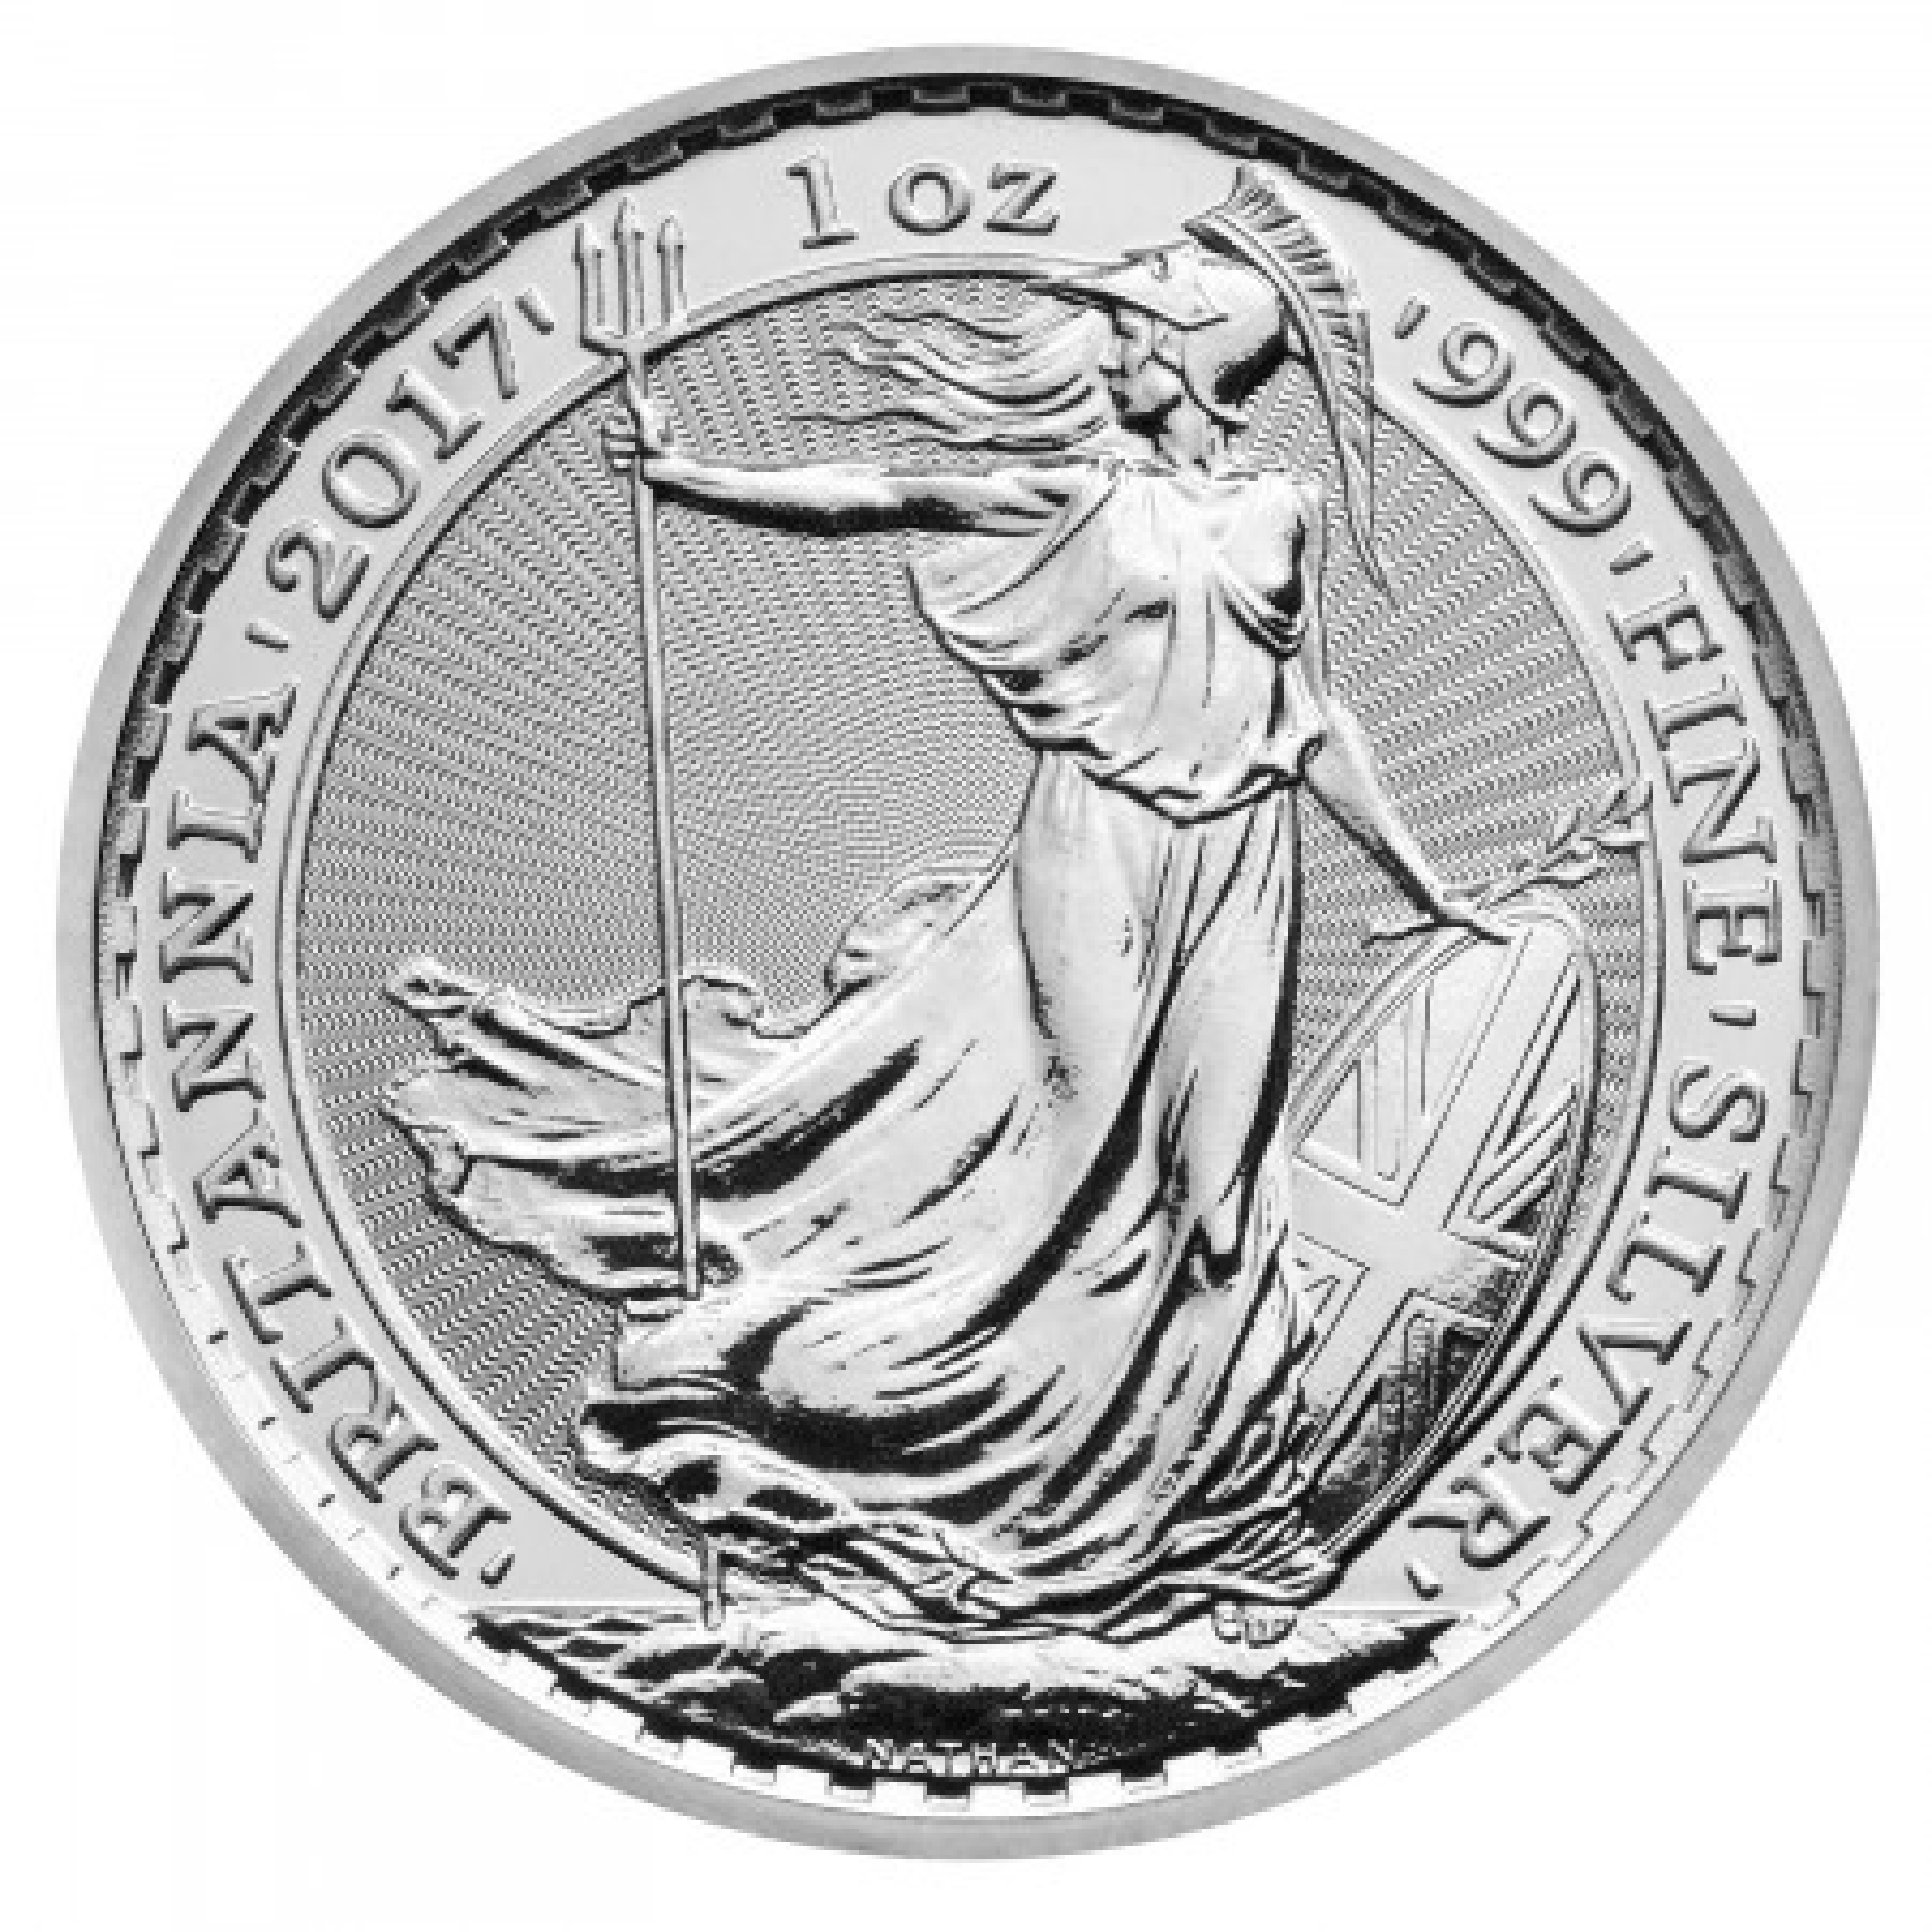 1 troy ounce zilveren Britannia munt diverse jaargangen